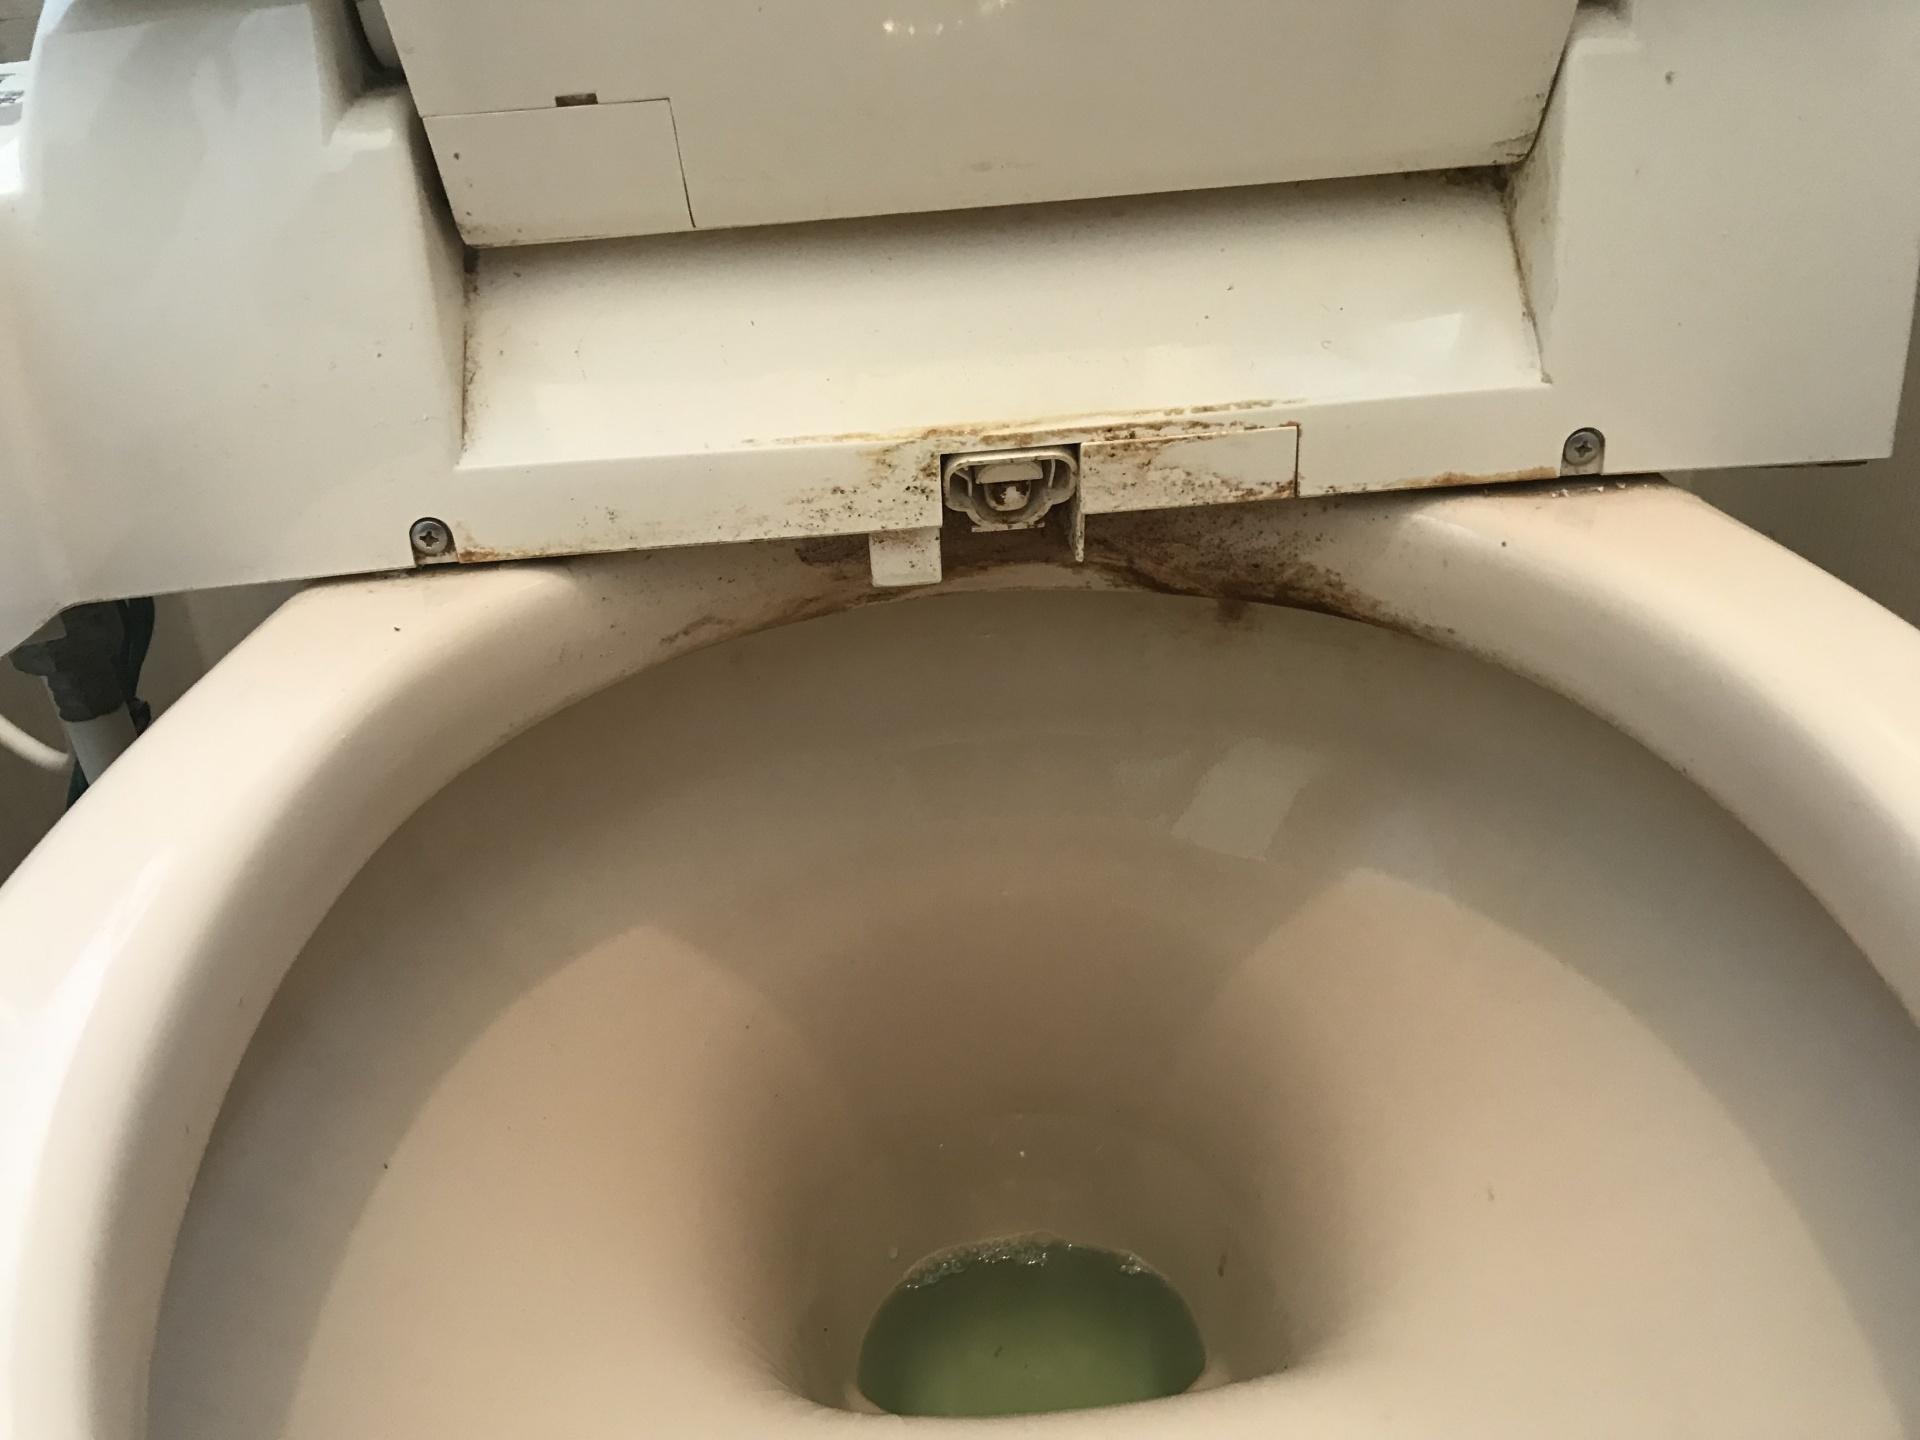 なかなか掃除し辛い場所に汚れがついていますね